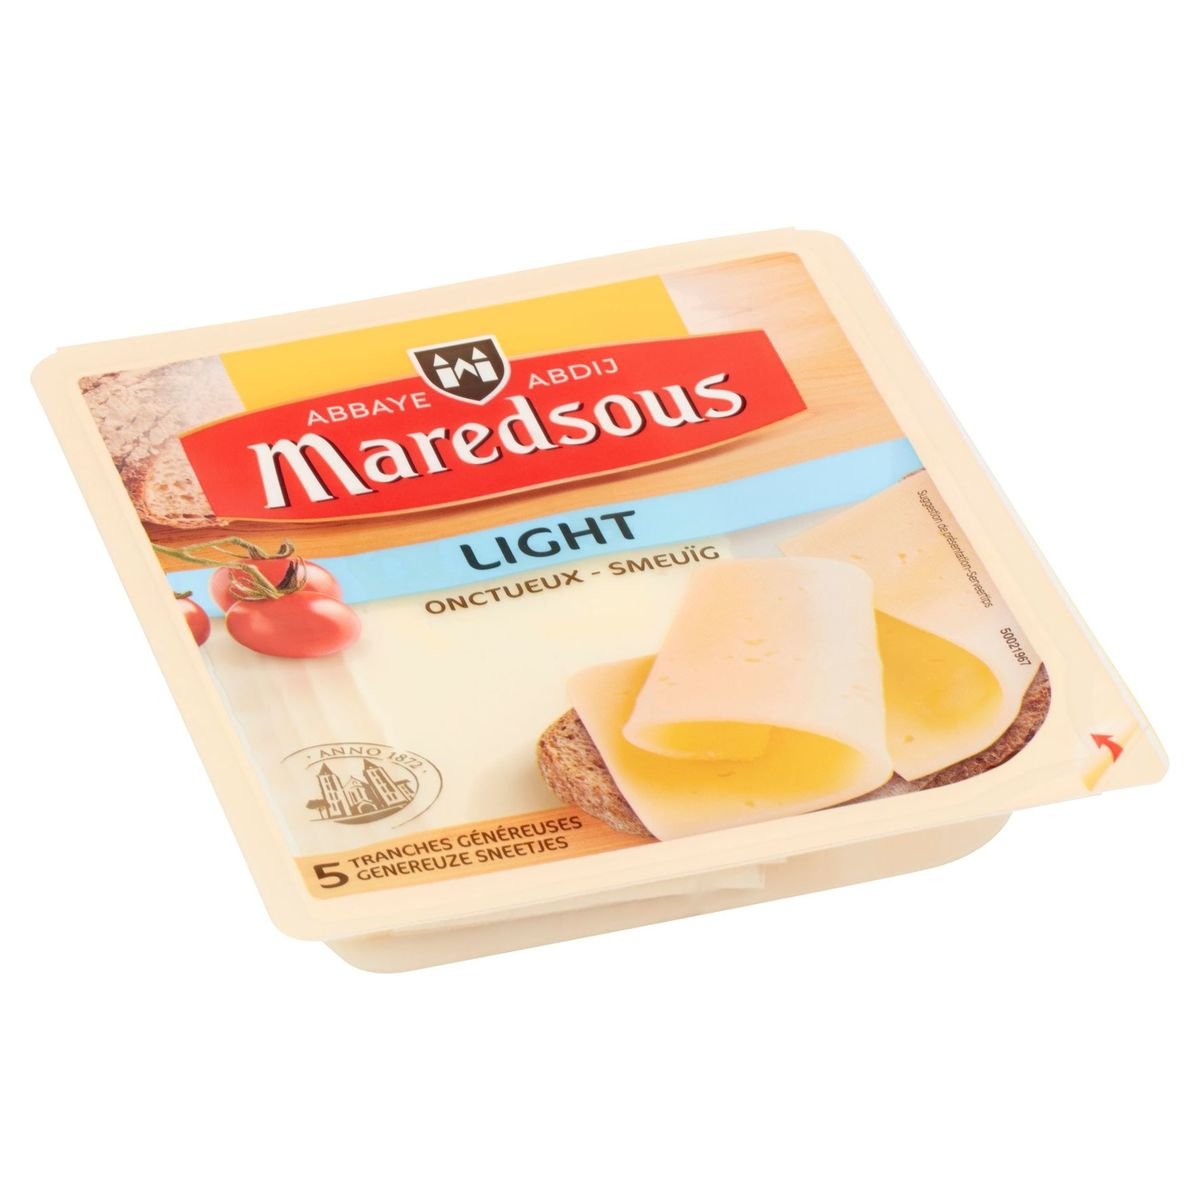 Maredsous Light Onctueux 5 Tranches Généreuses 140 g